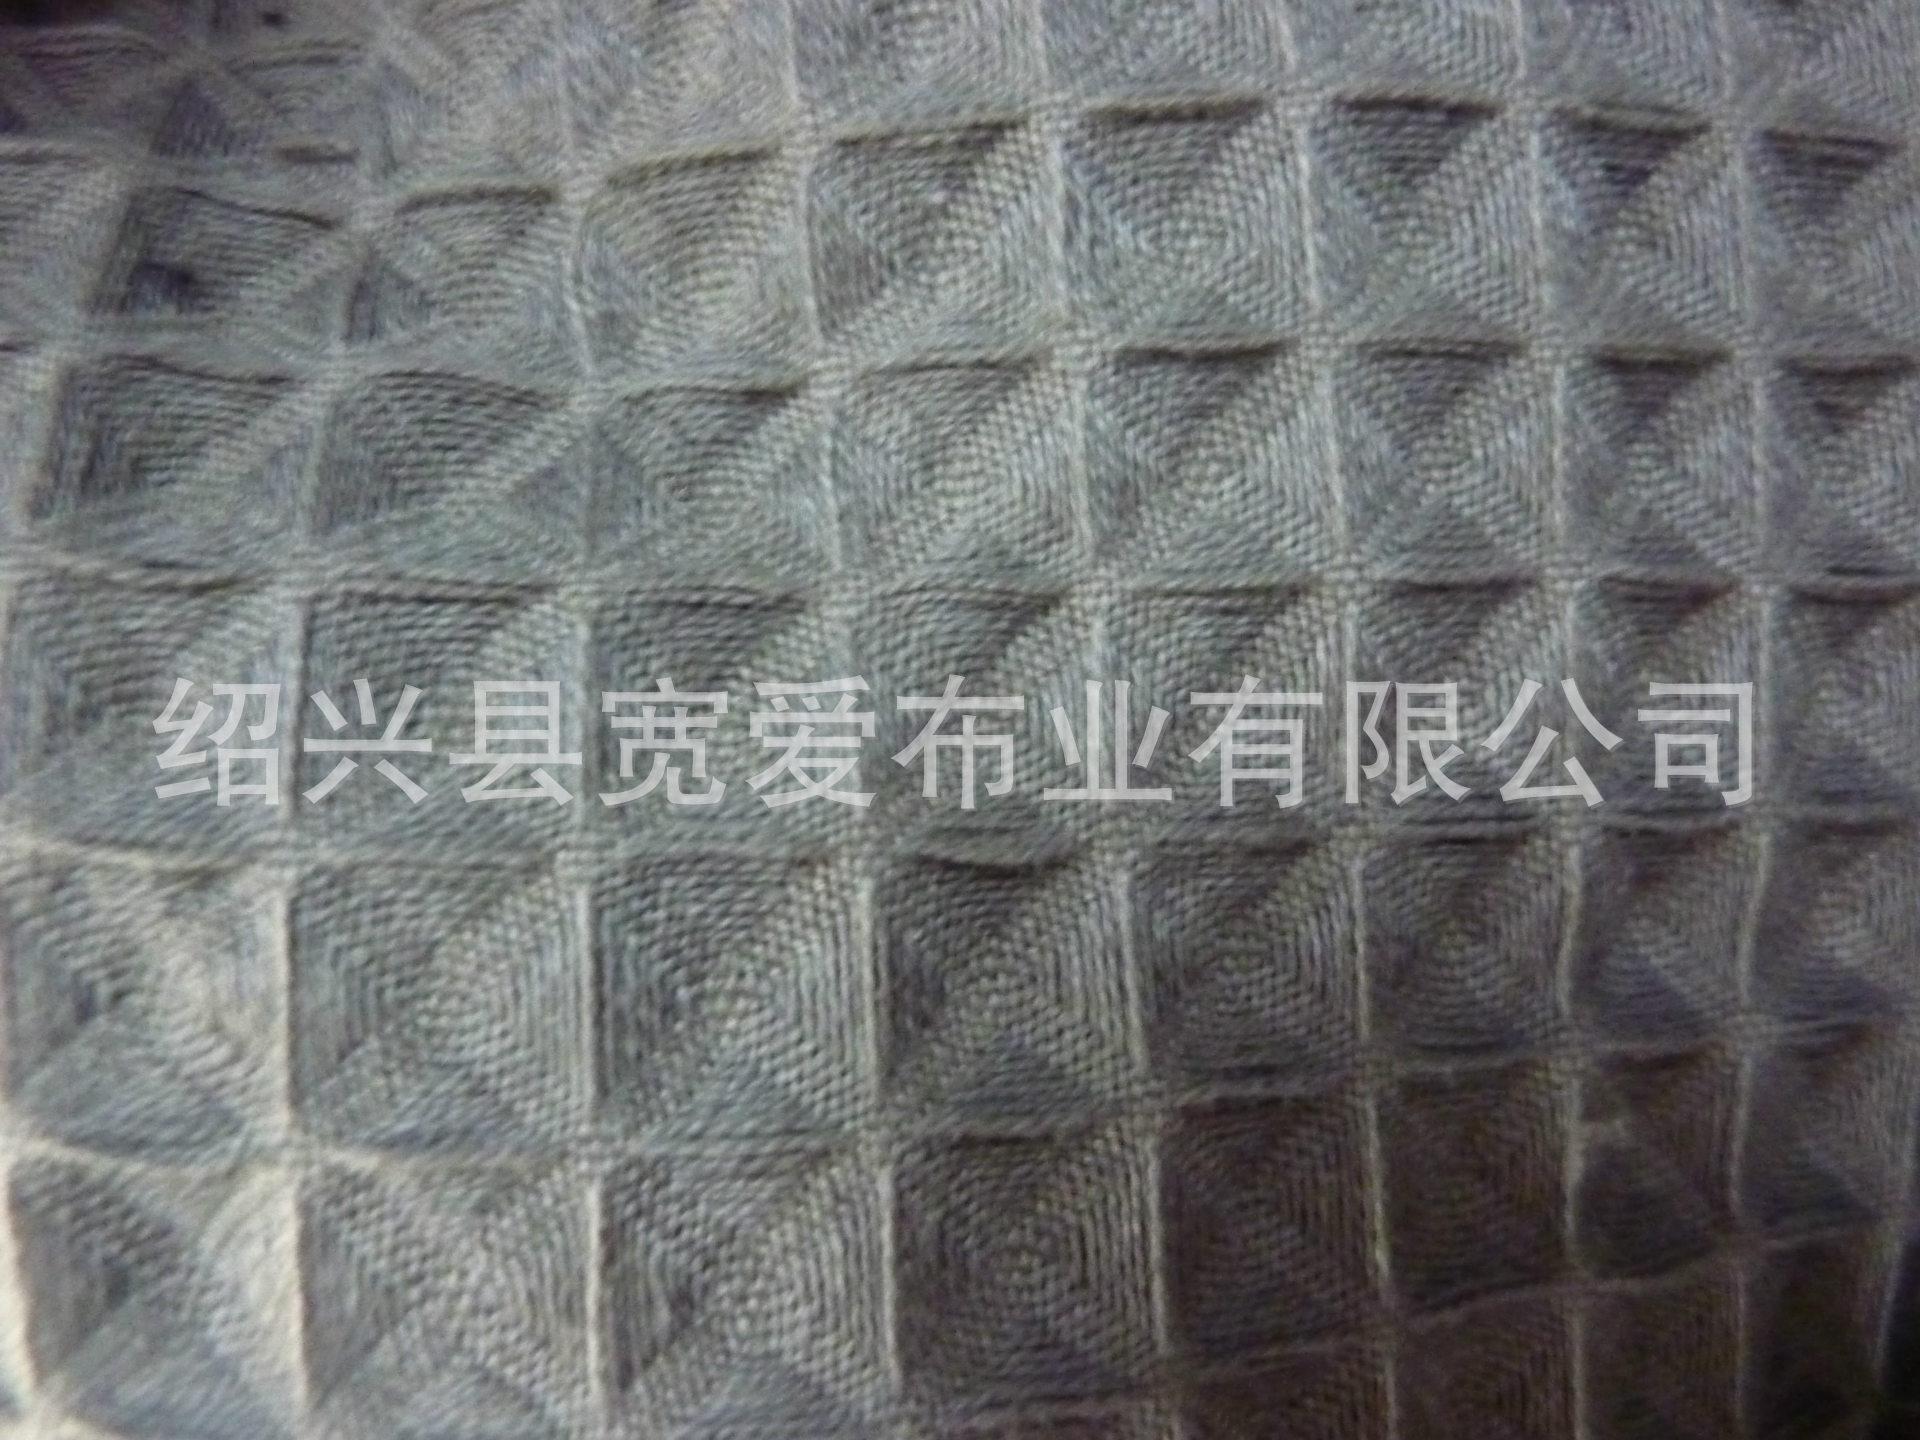 【精品推荐】供应环保面料 染色华夫格 针织面料 量多优惠